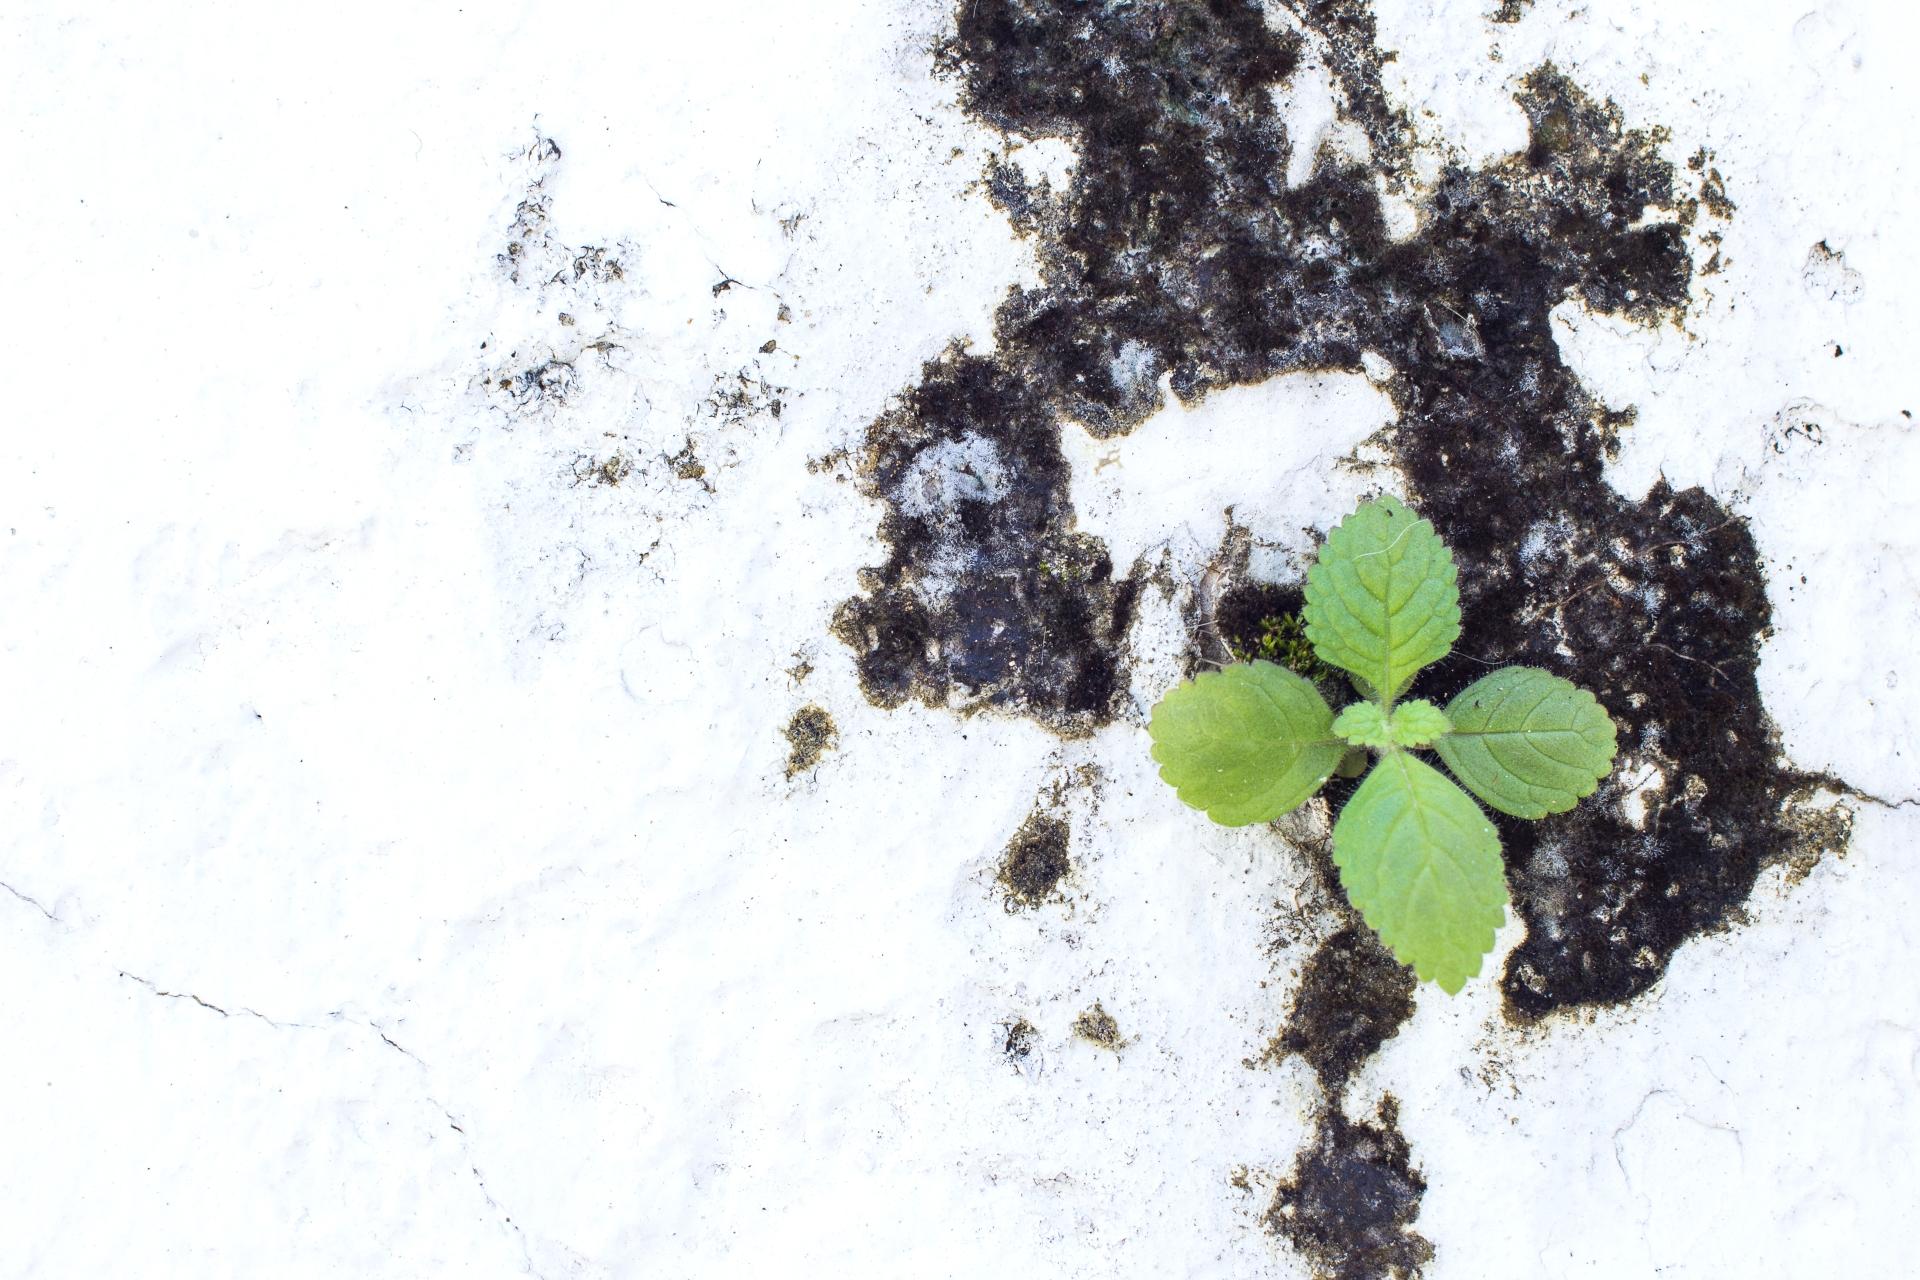 11 danske restauranter hyldes af Michelin for bæredygtighedsarbejde